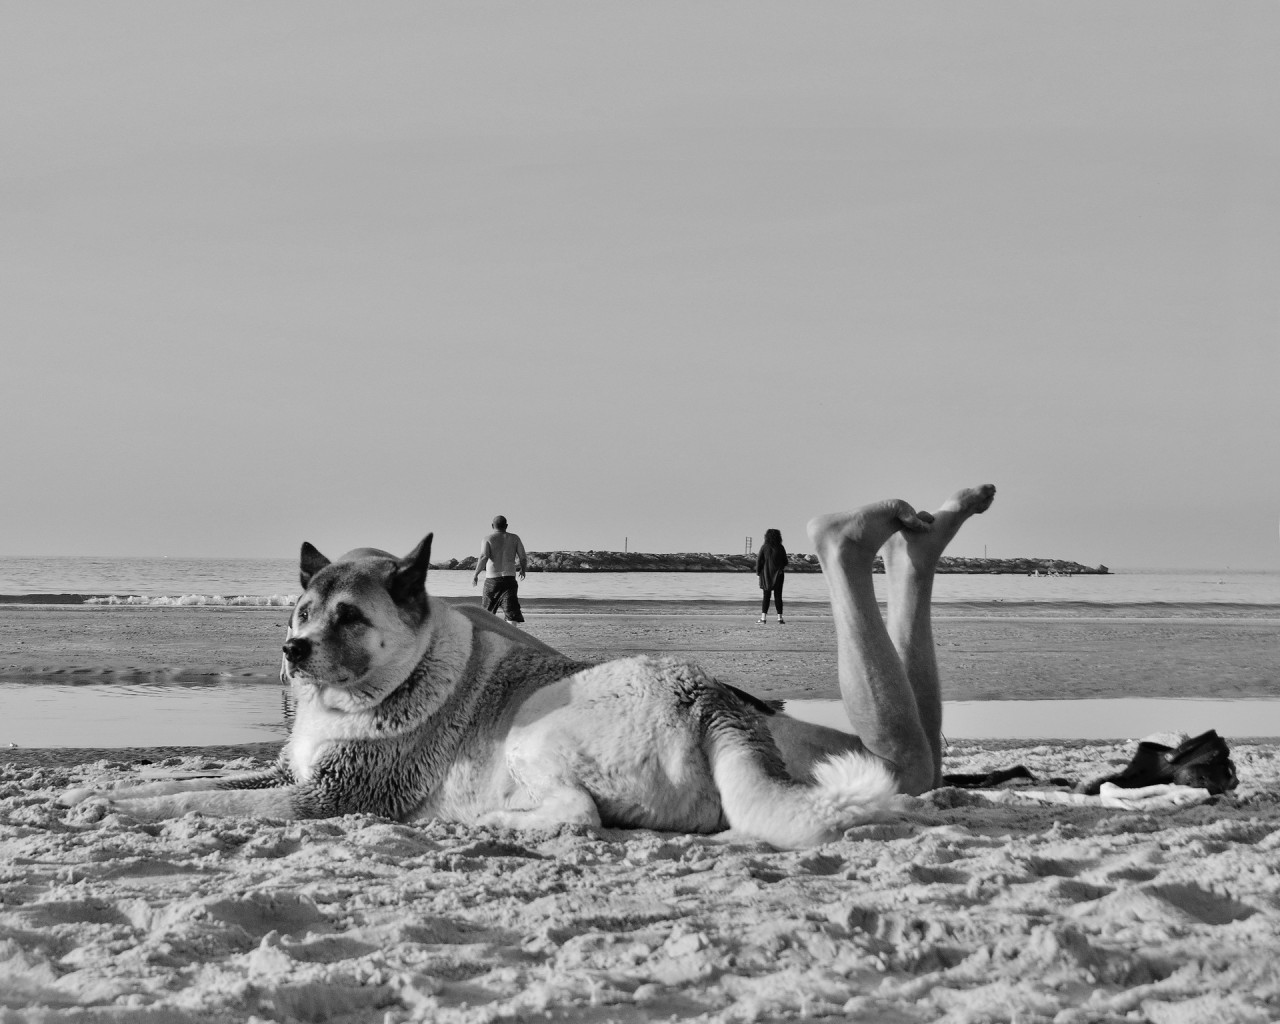 Мистика на пляже. Фотограф Антимос Нтагкас